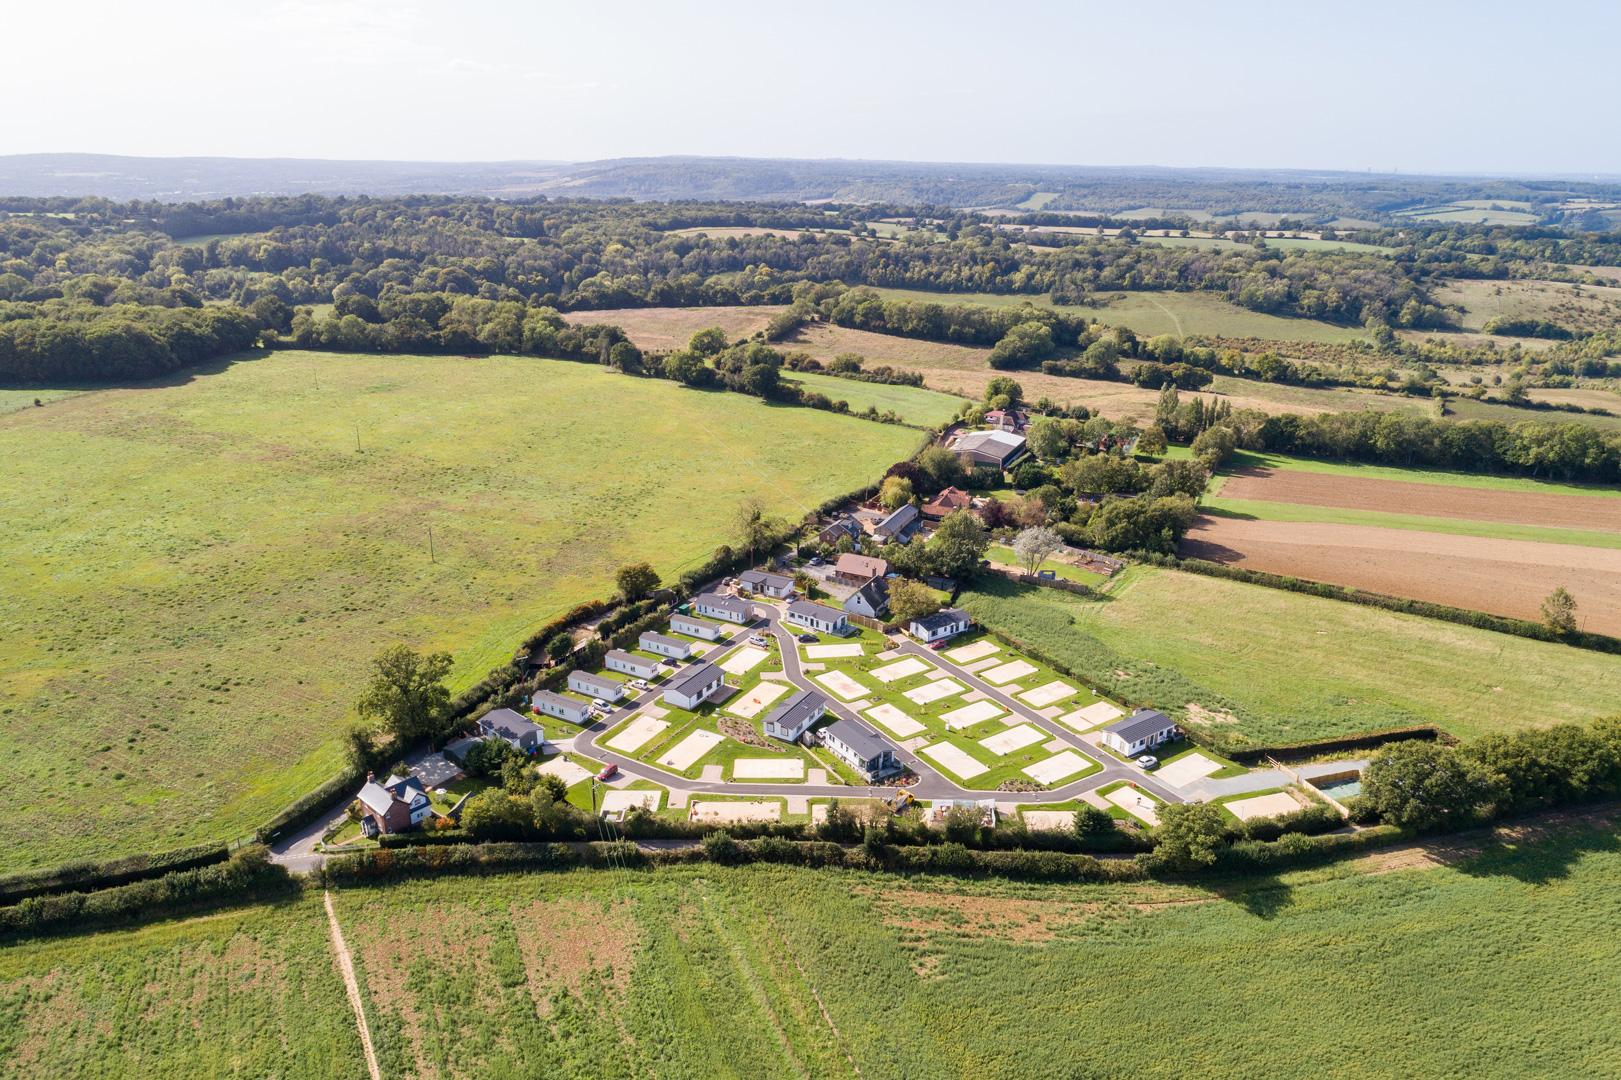 Kingsdown Meadow Aerial View